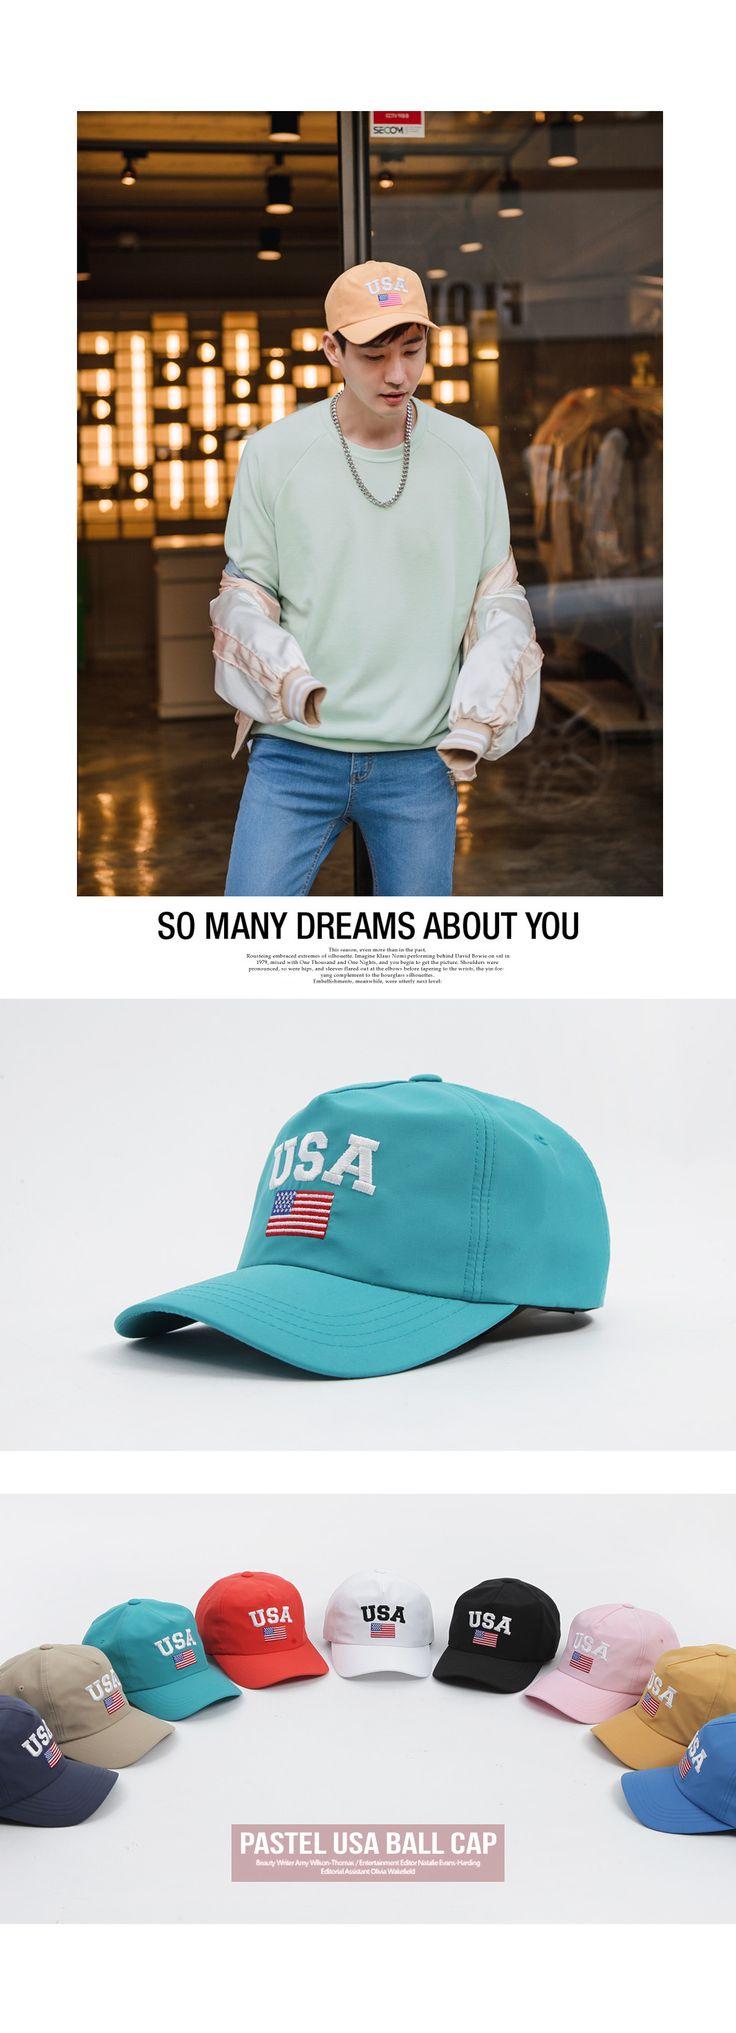 [[UJ.03] 파스텔 USA 성조기 볼캡] 남자패션 남친푹 볼캡 남자볼캡